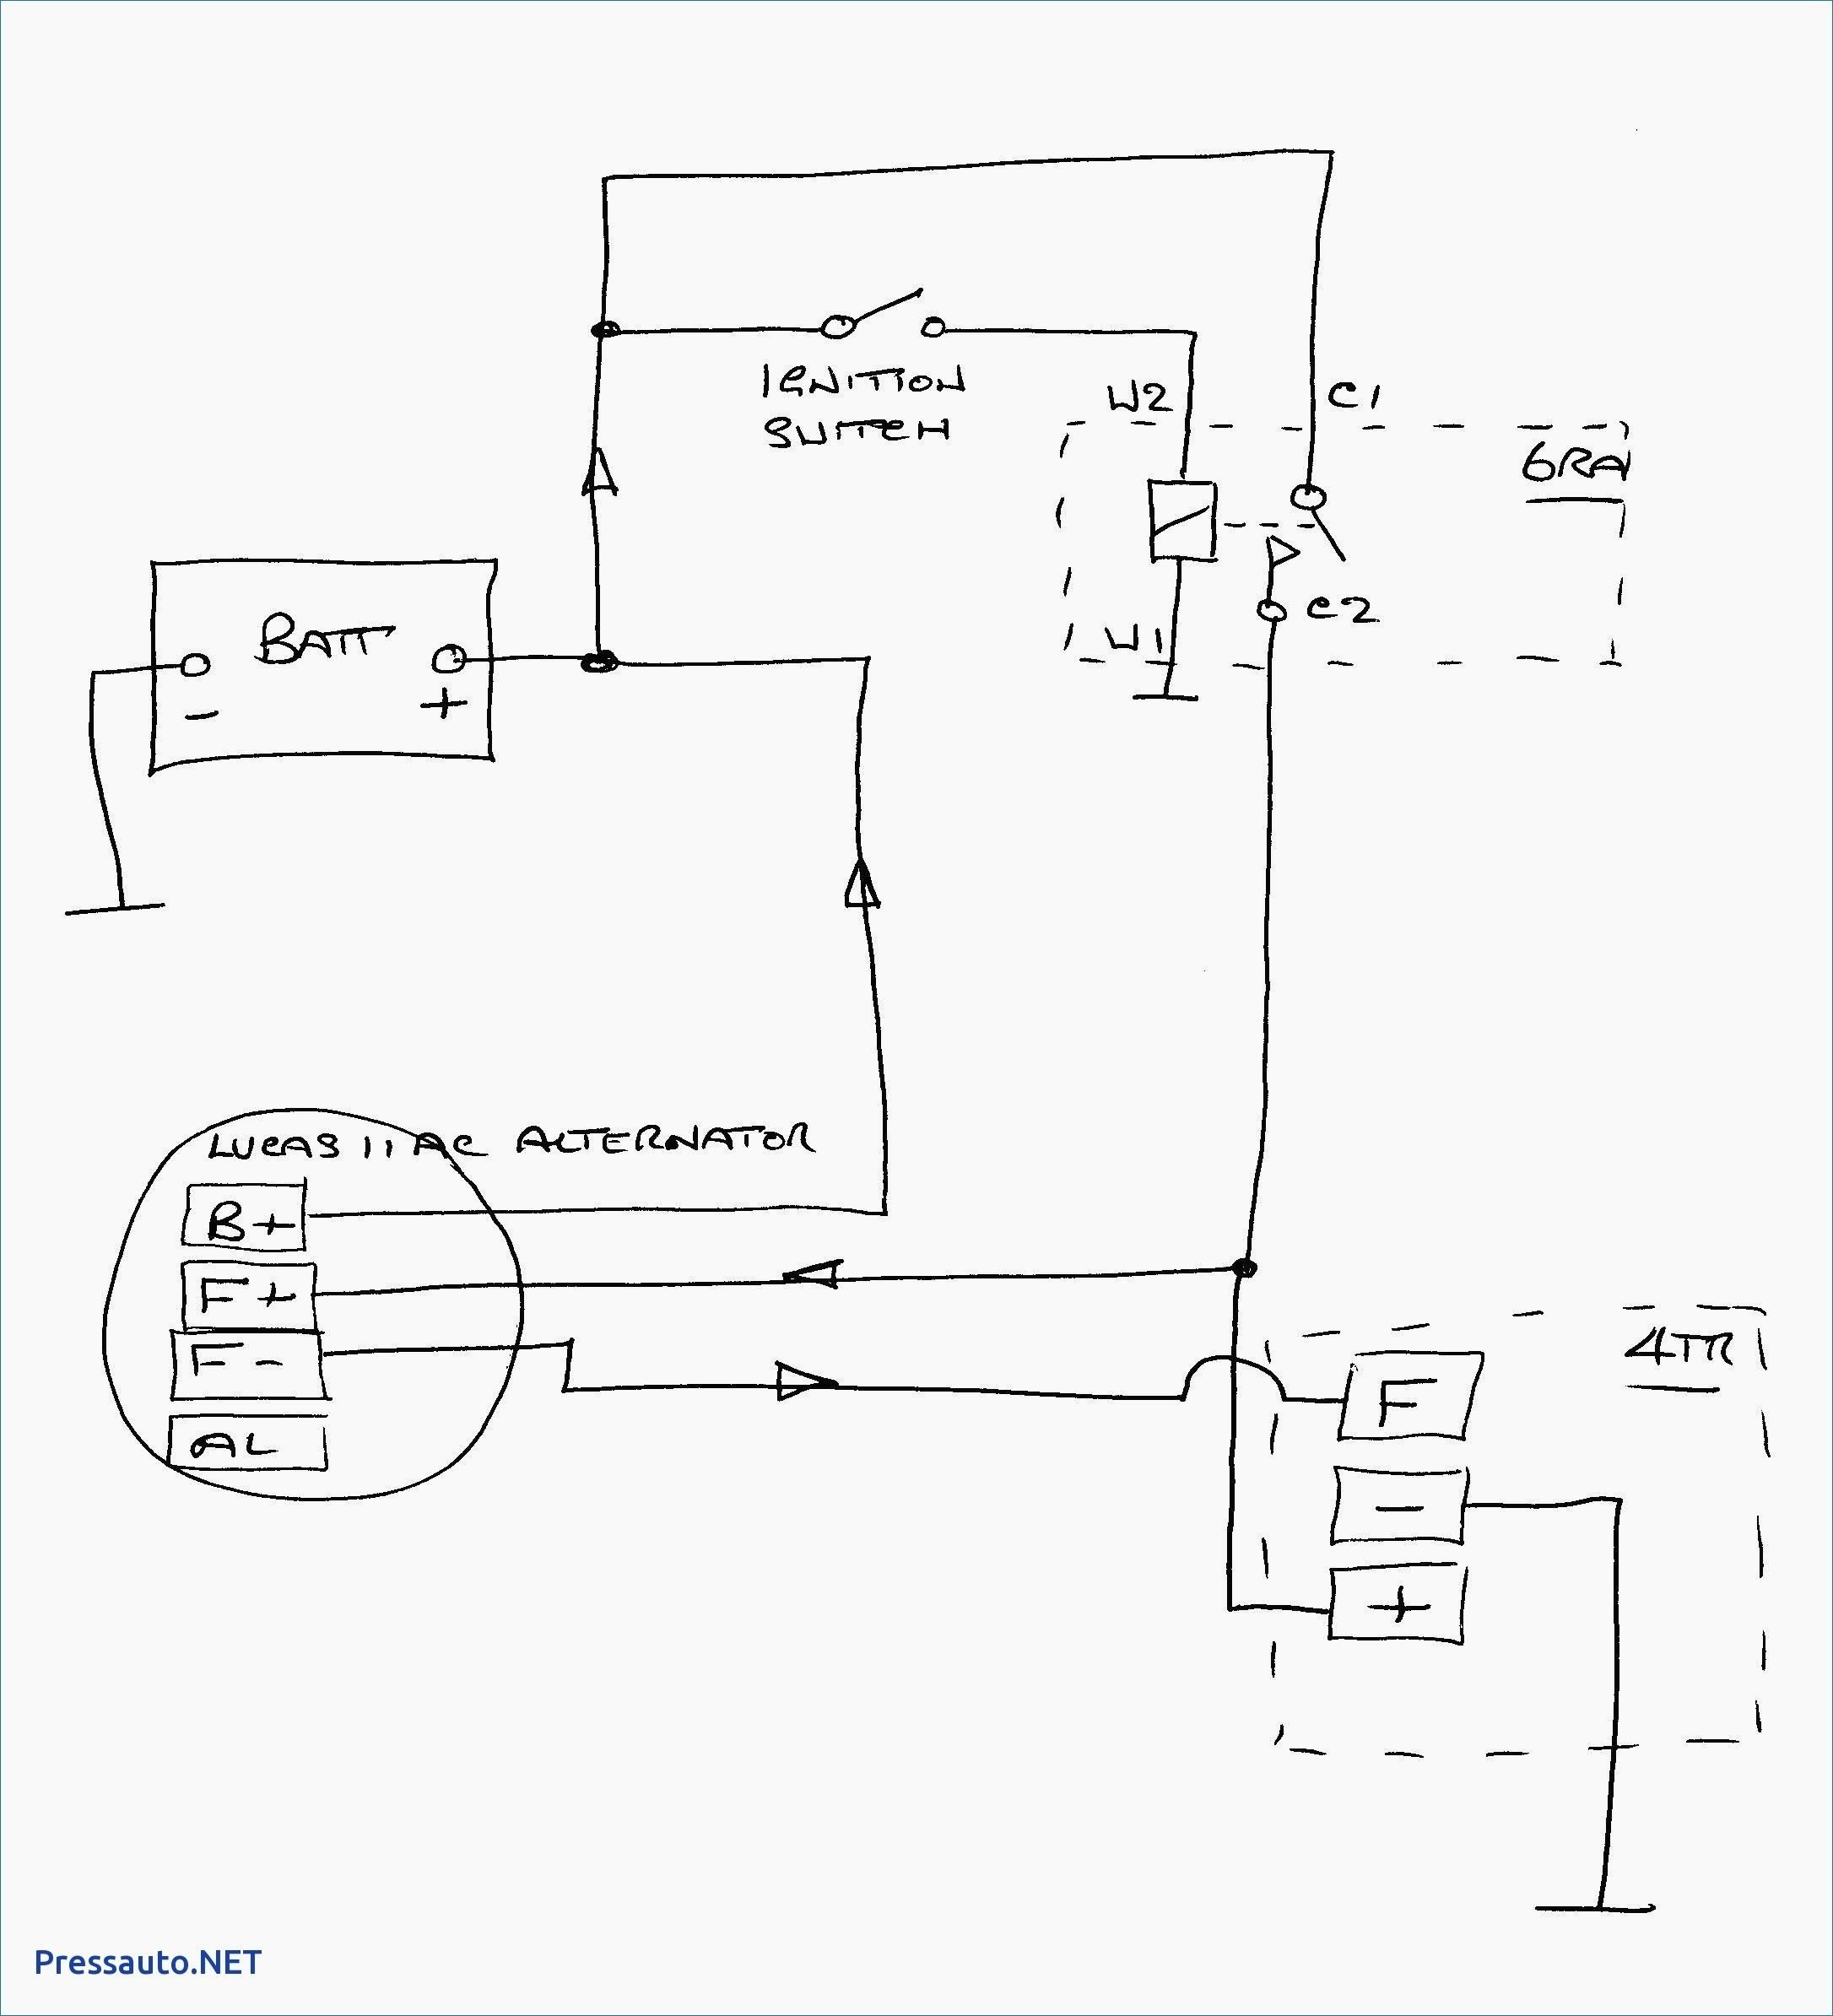 Diagram Diagramsample Diagramtemplate Wiringdiagram Diagramchart Worksheet Worksheettemplate Voltage Regulator Electrical Diagram Alternator